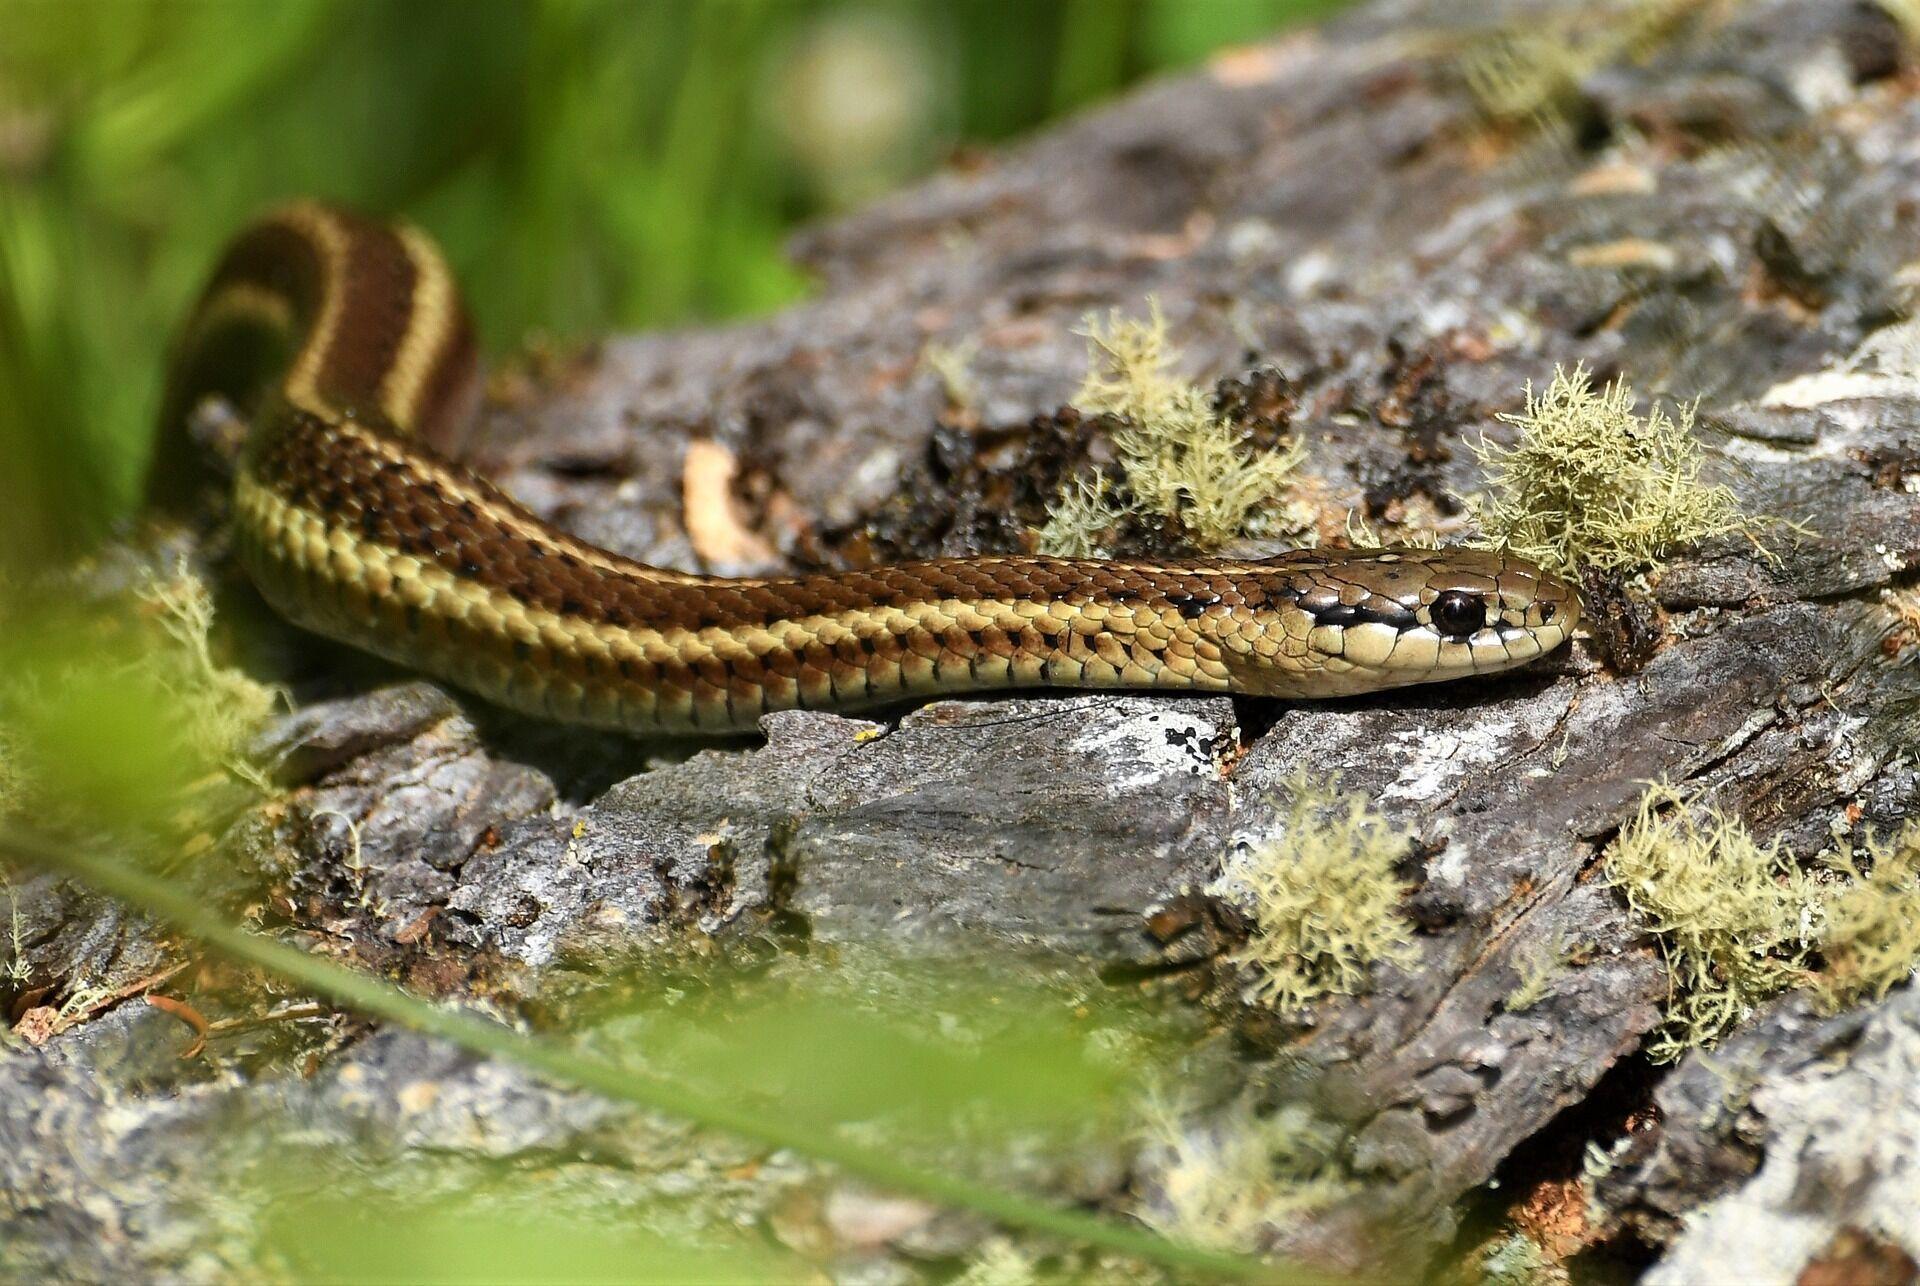 Вважається, що 25 вересня змії сповзаються з полів у ліси